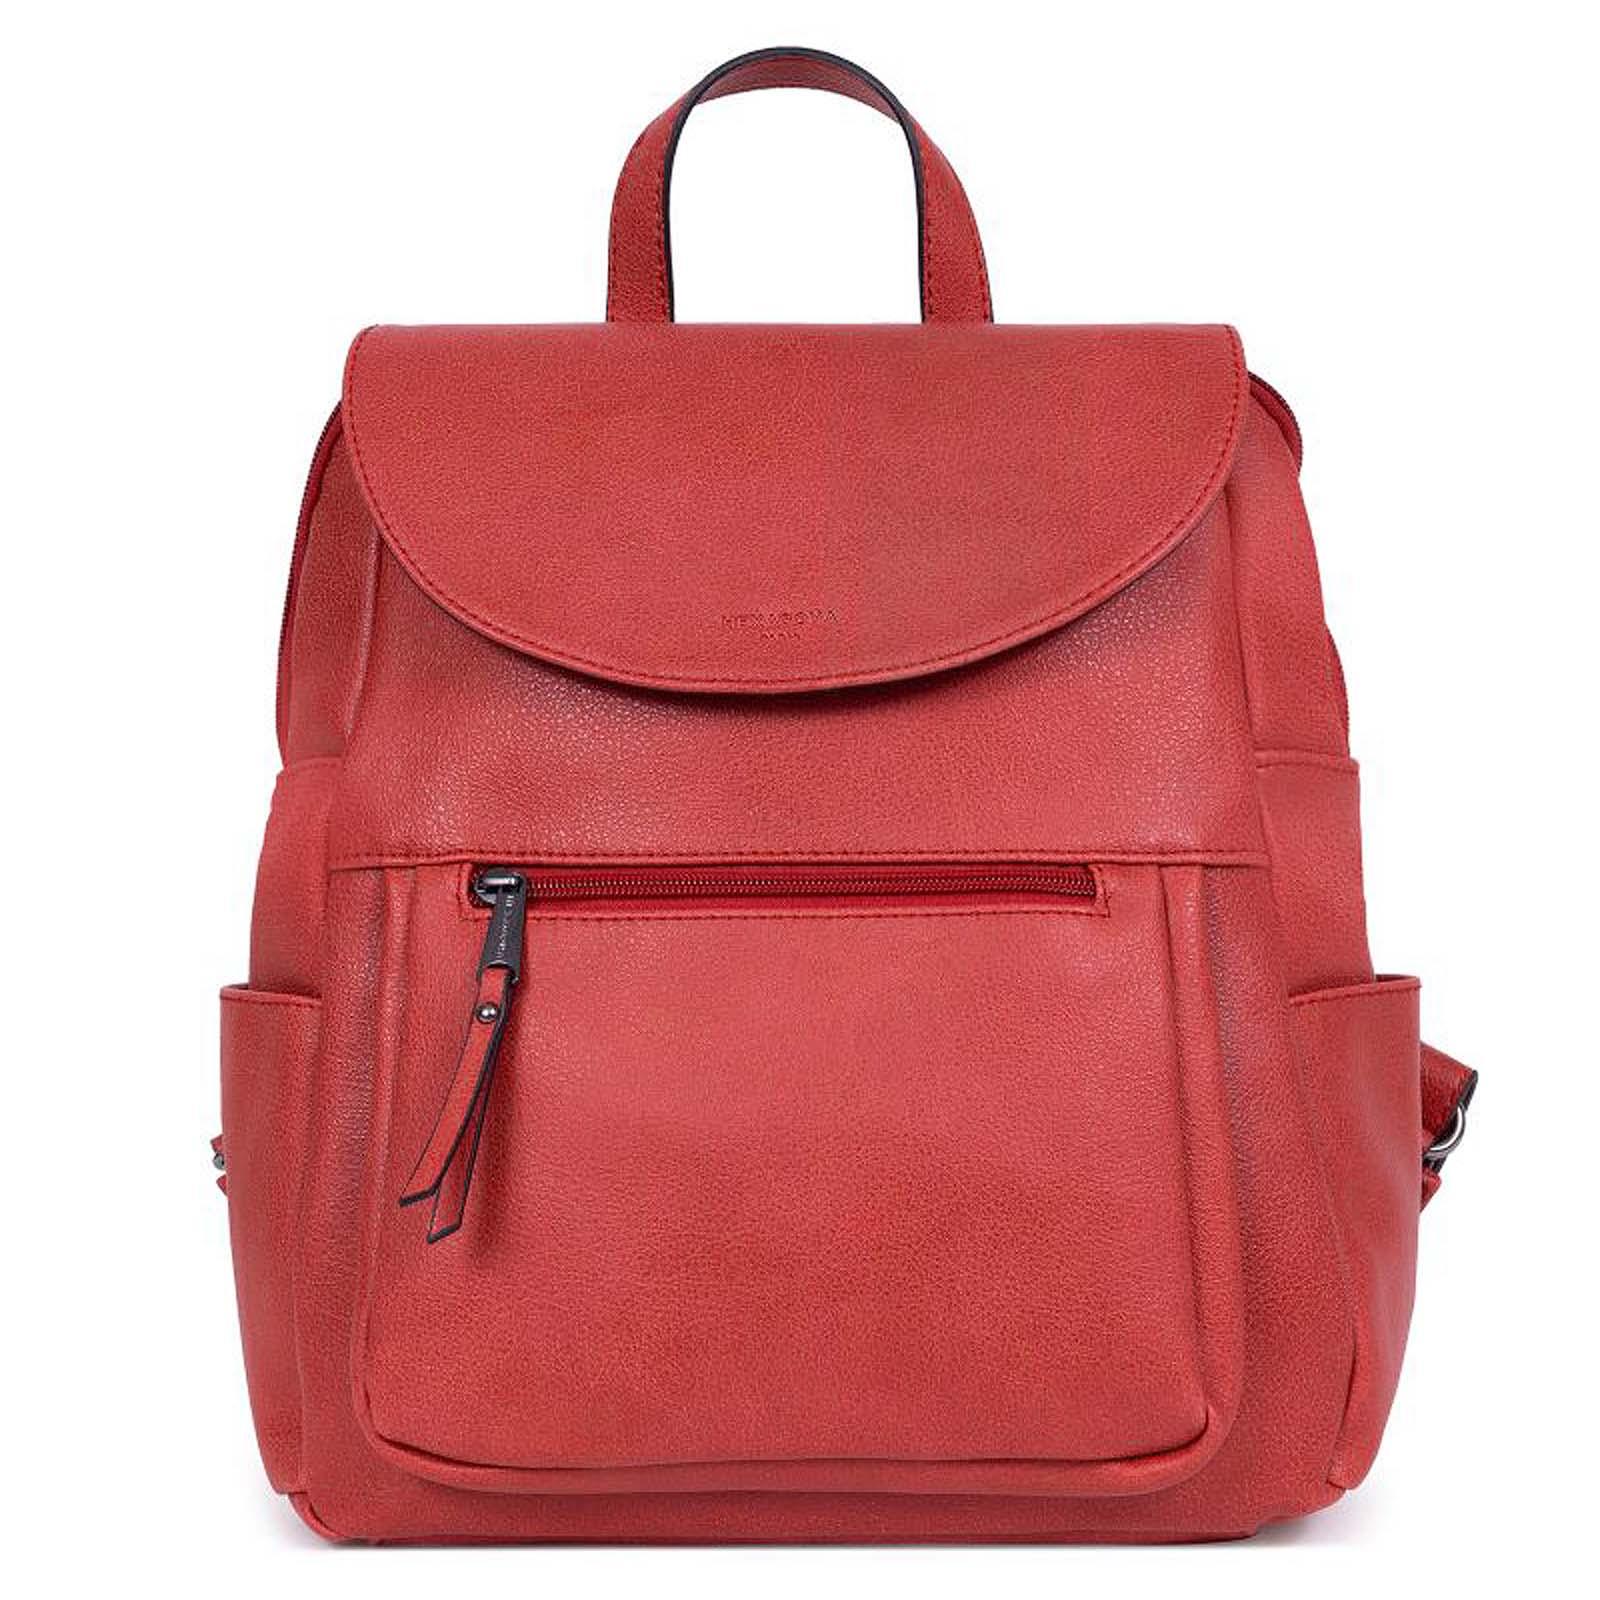 Dámský batoh červený - Hexagona Dahoman červená